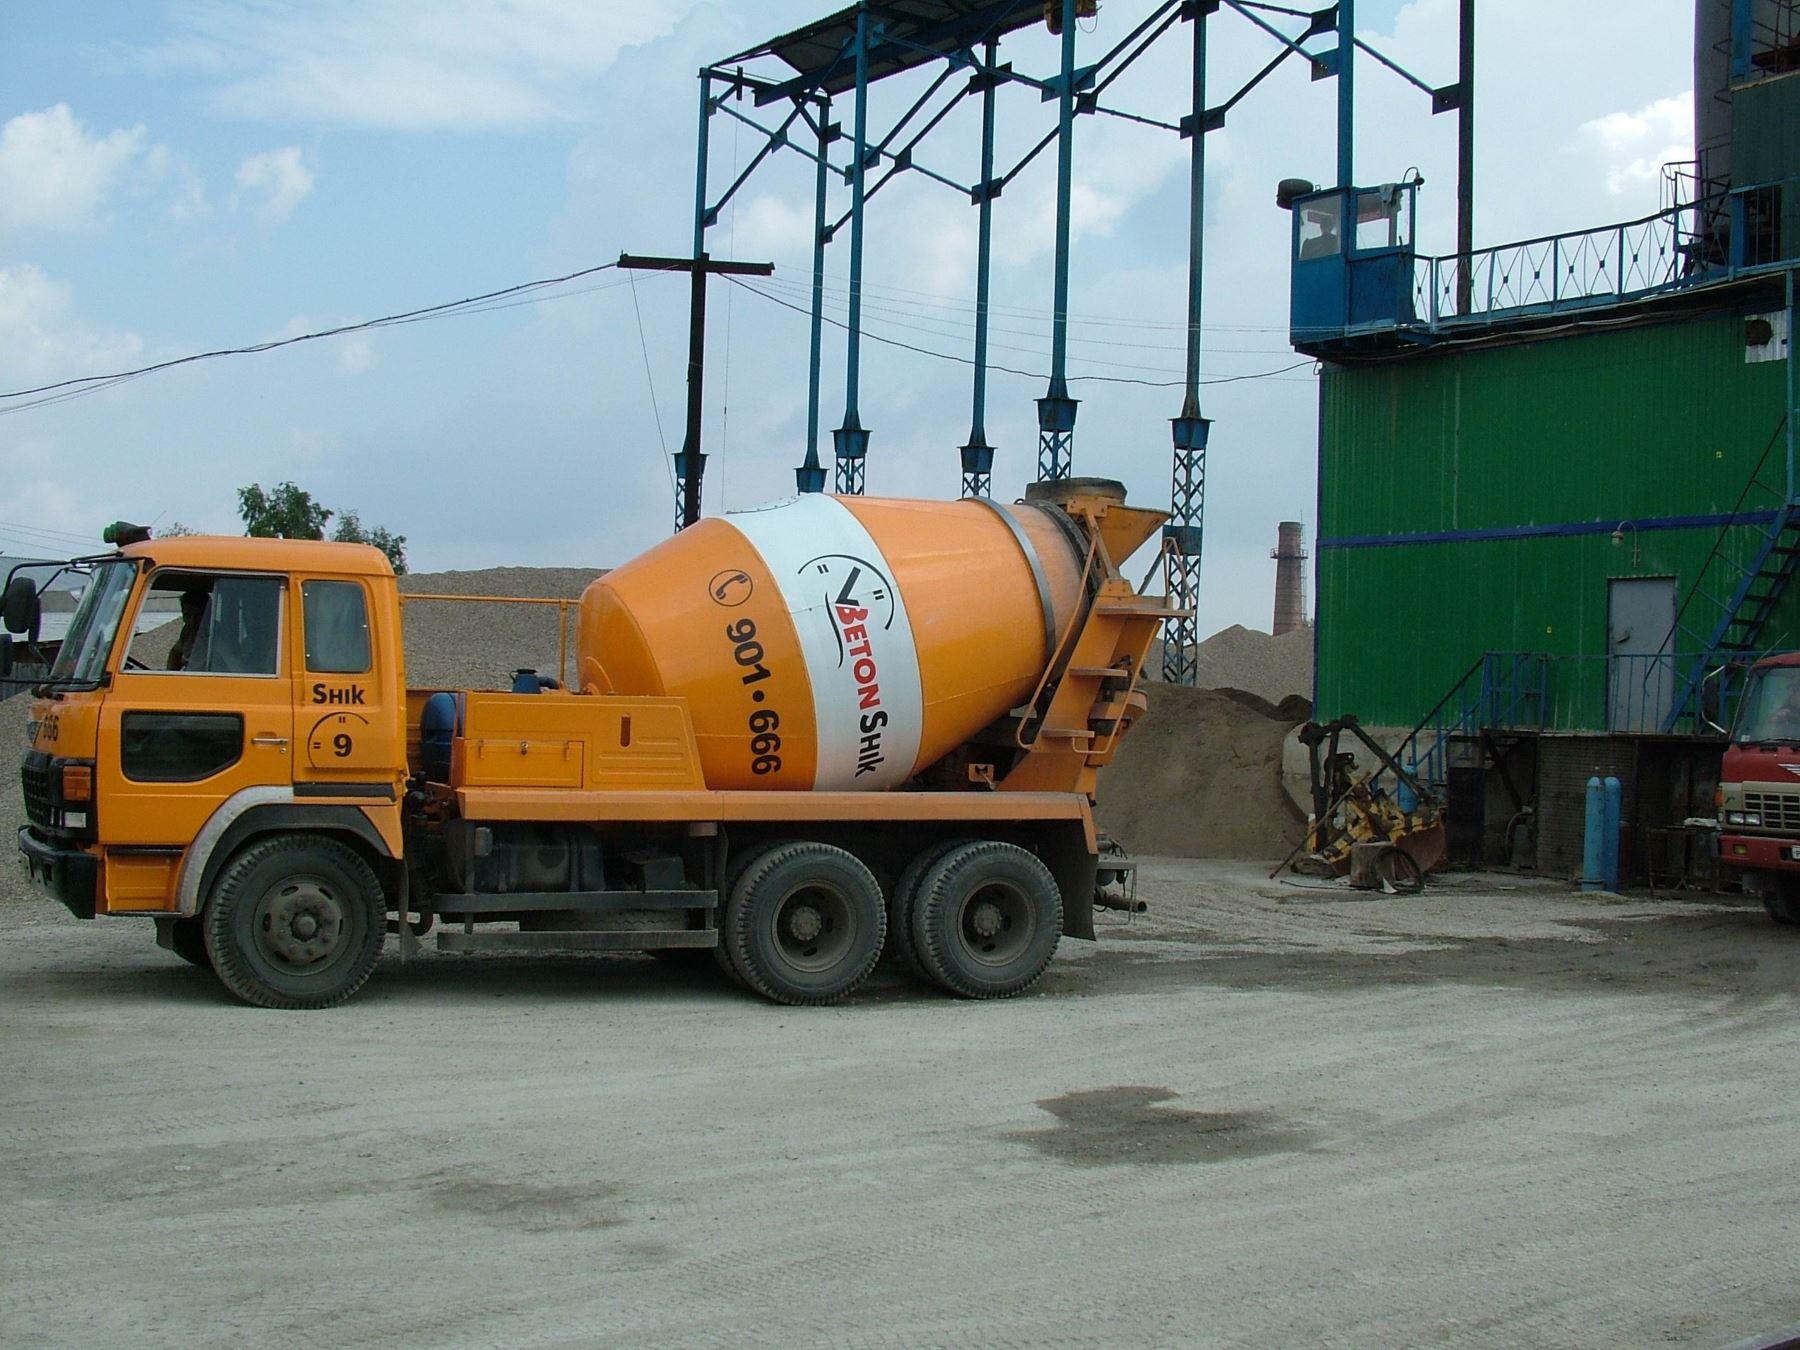 Бетон шик реферат о бетонной смеси